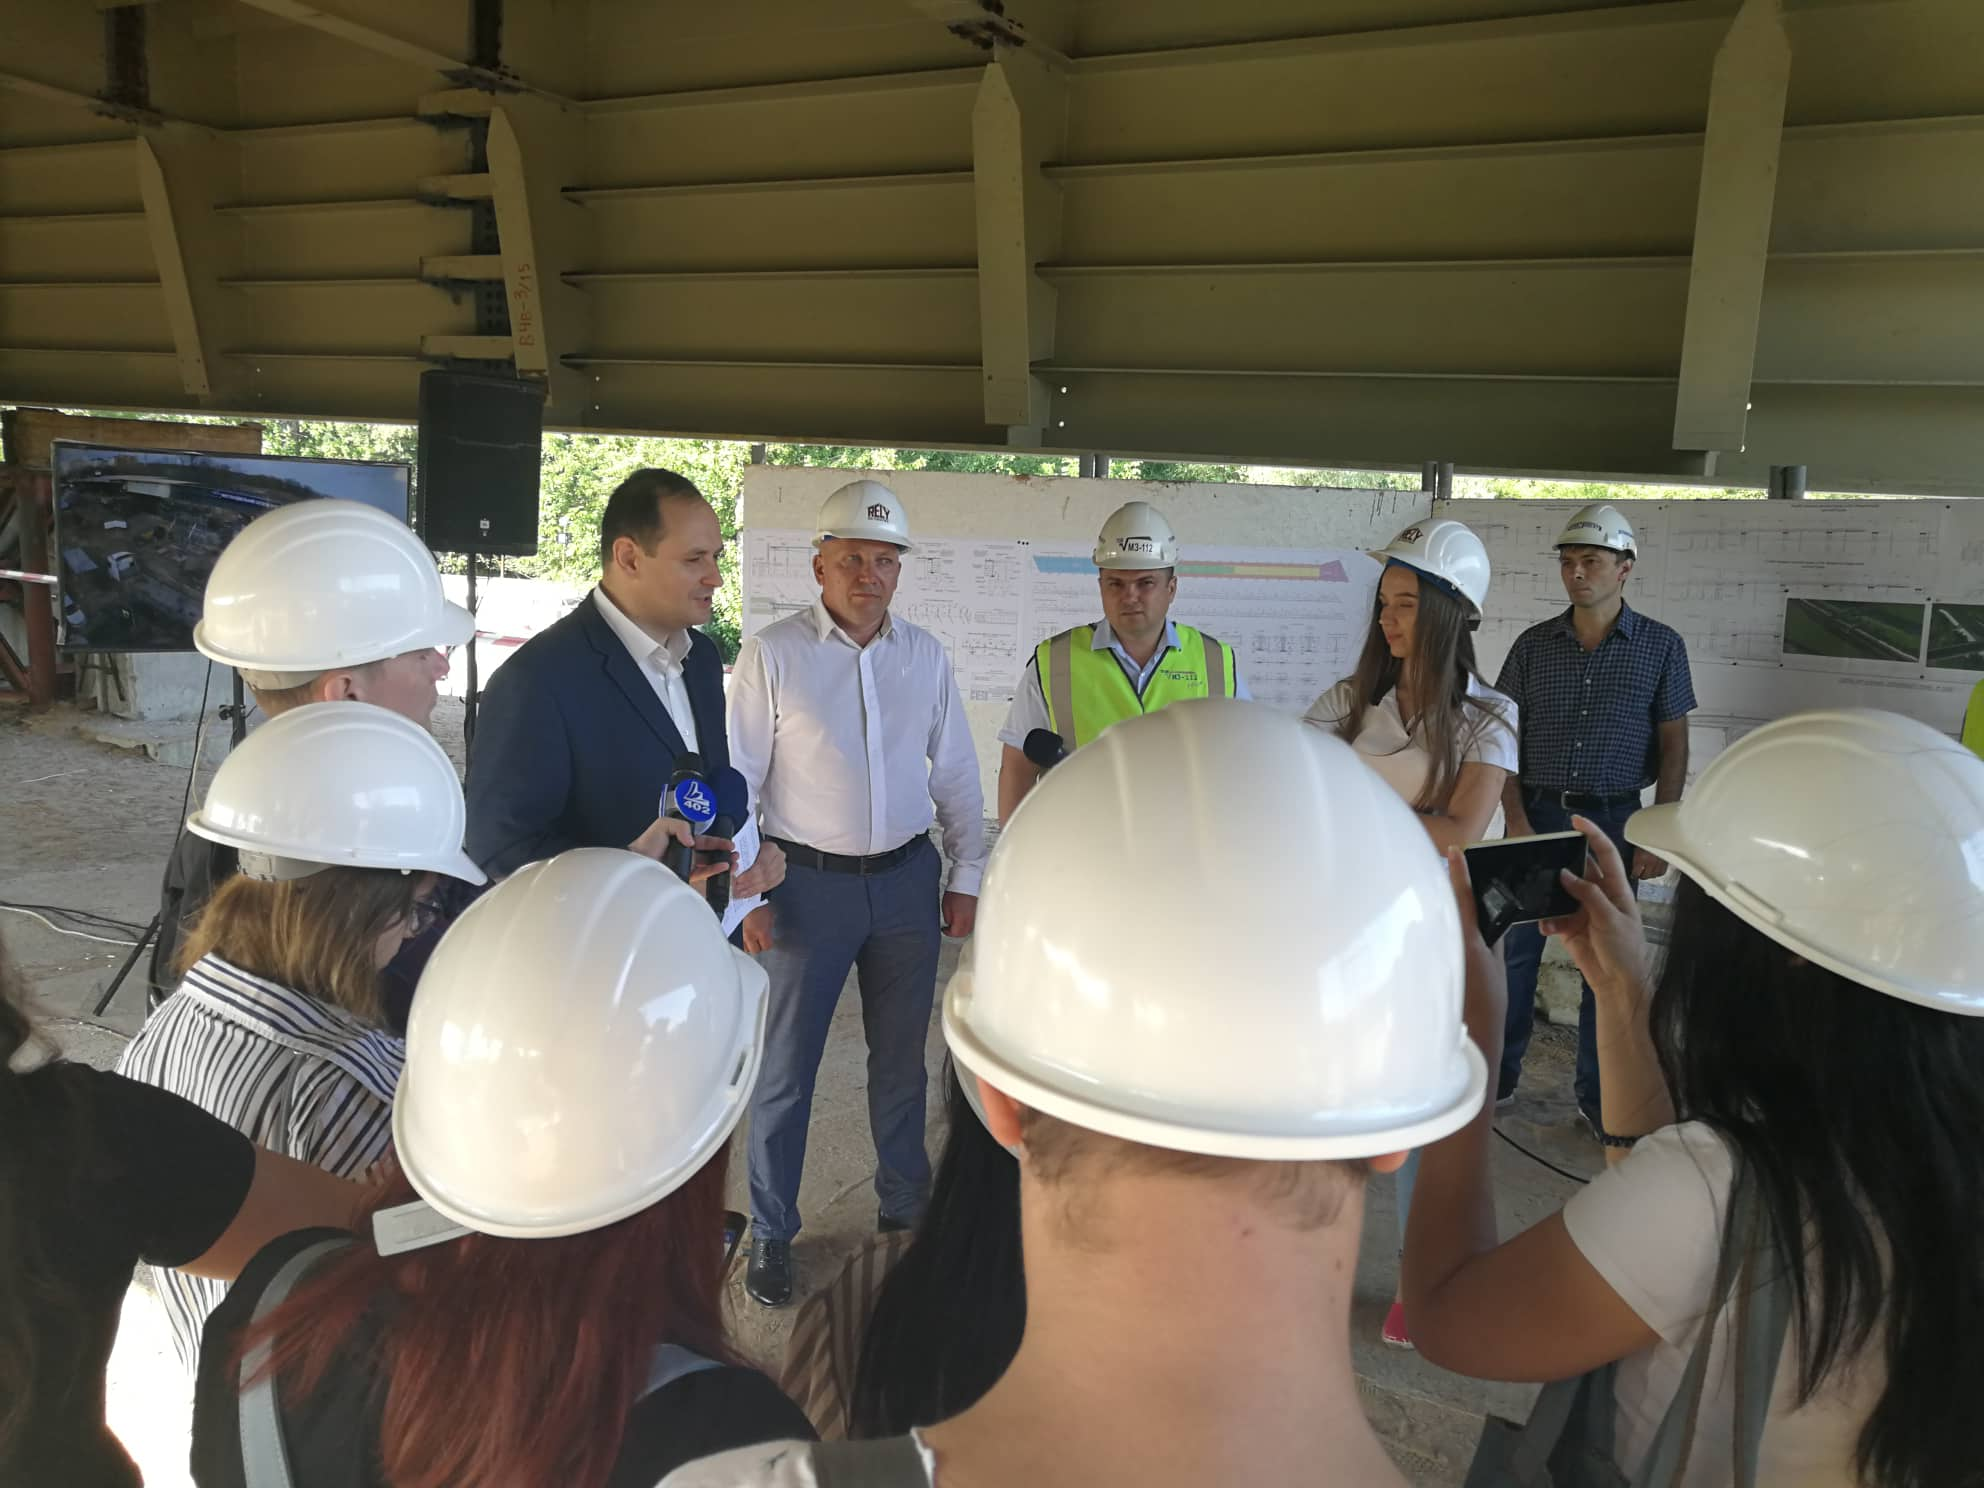 День відкритих дверей: Марцінків показав, як будується новий міст на Пасічну 3